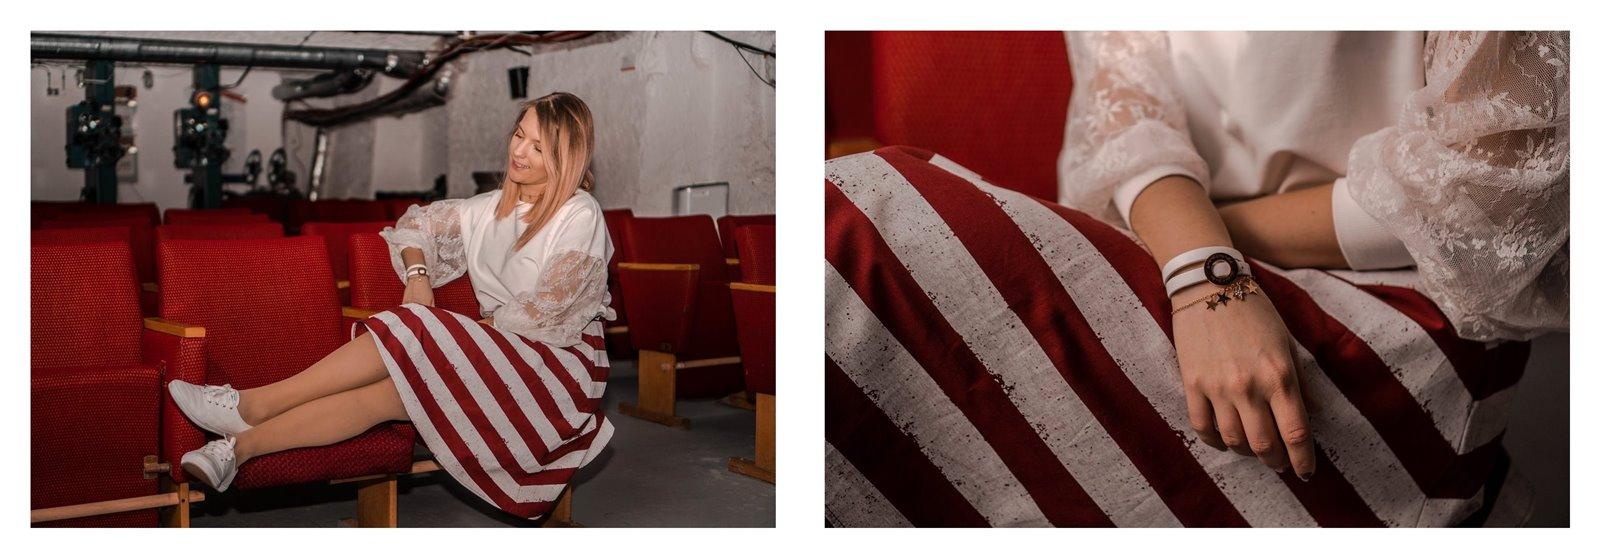 10a Skirt story spódnice szyte na miarę krawiectwo krawcowa online pomysł na prezent dla żony narzeczonej mamy szycie spódnic kraków łódź stylowe hotele stare kino w łodzi opinie recenzje pokoje gdzie się zatrzymać